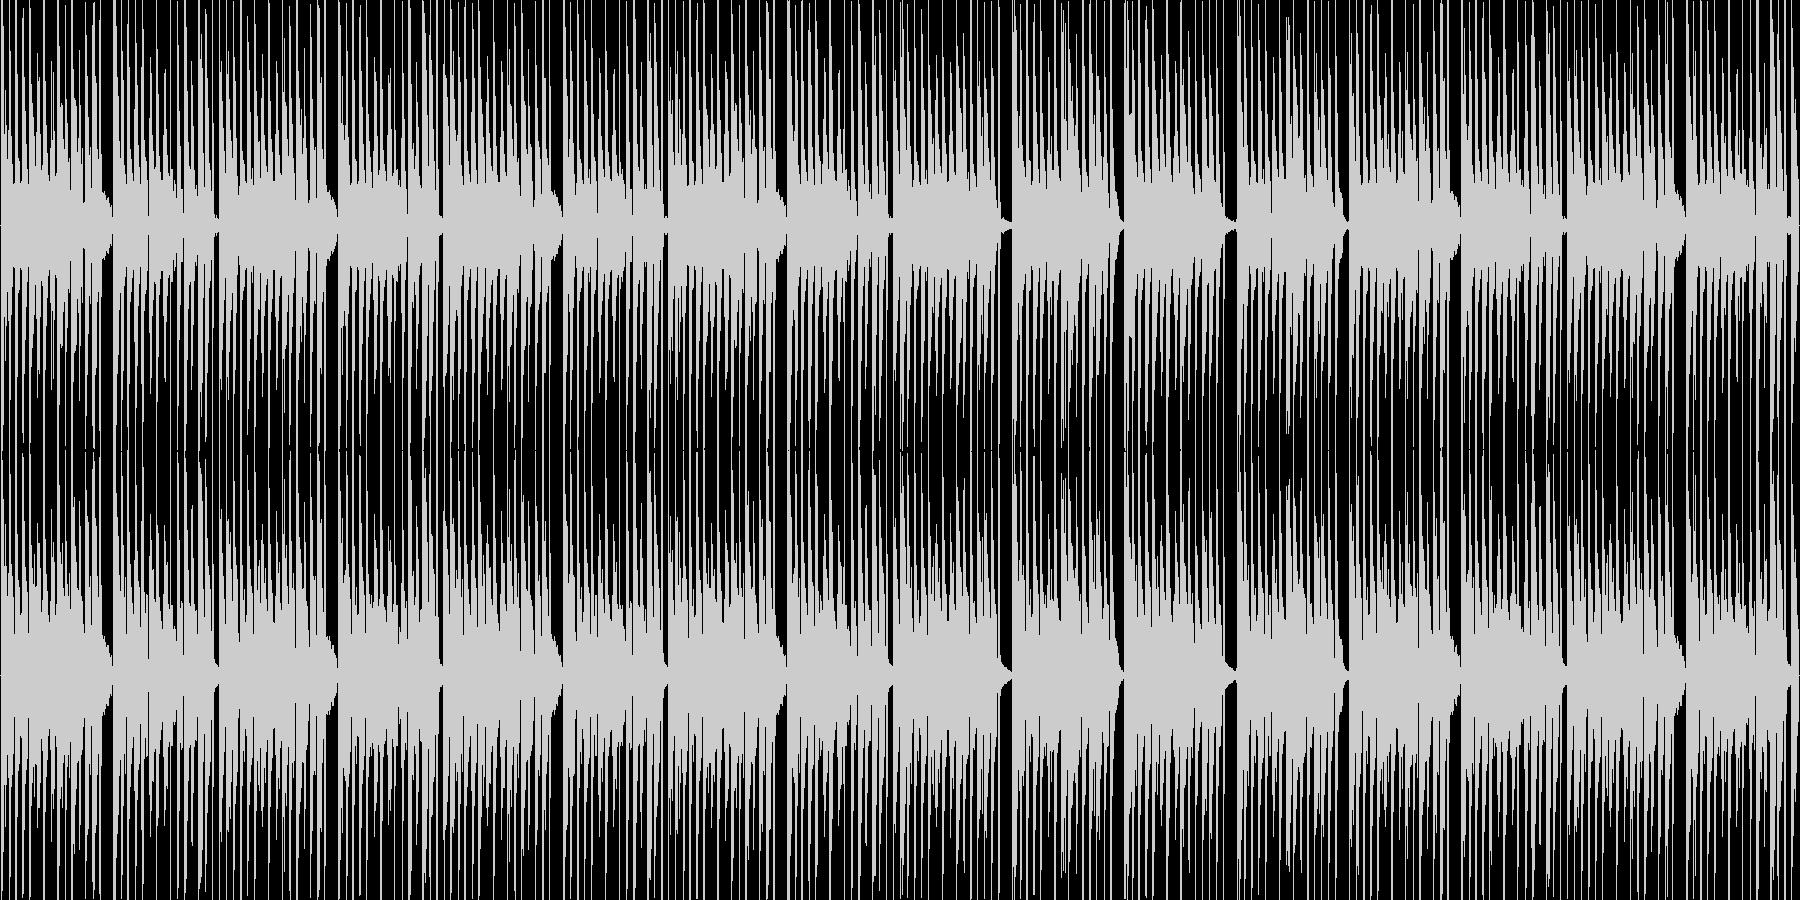 CM等で使われる事を想定した短いダンス曲の未再生の波形